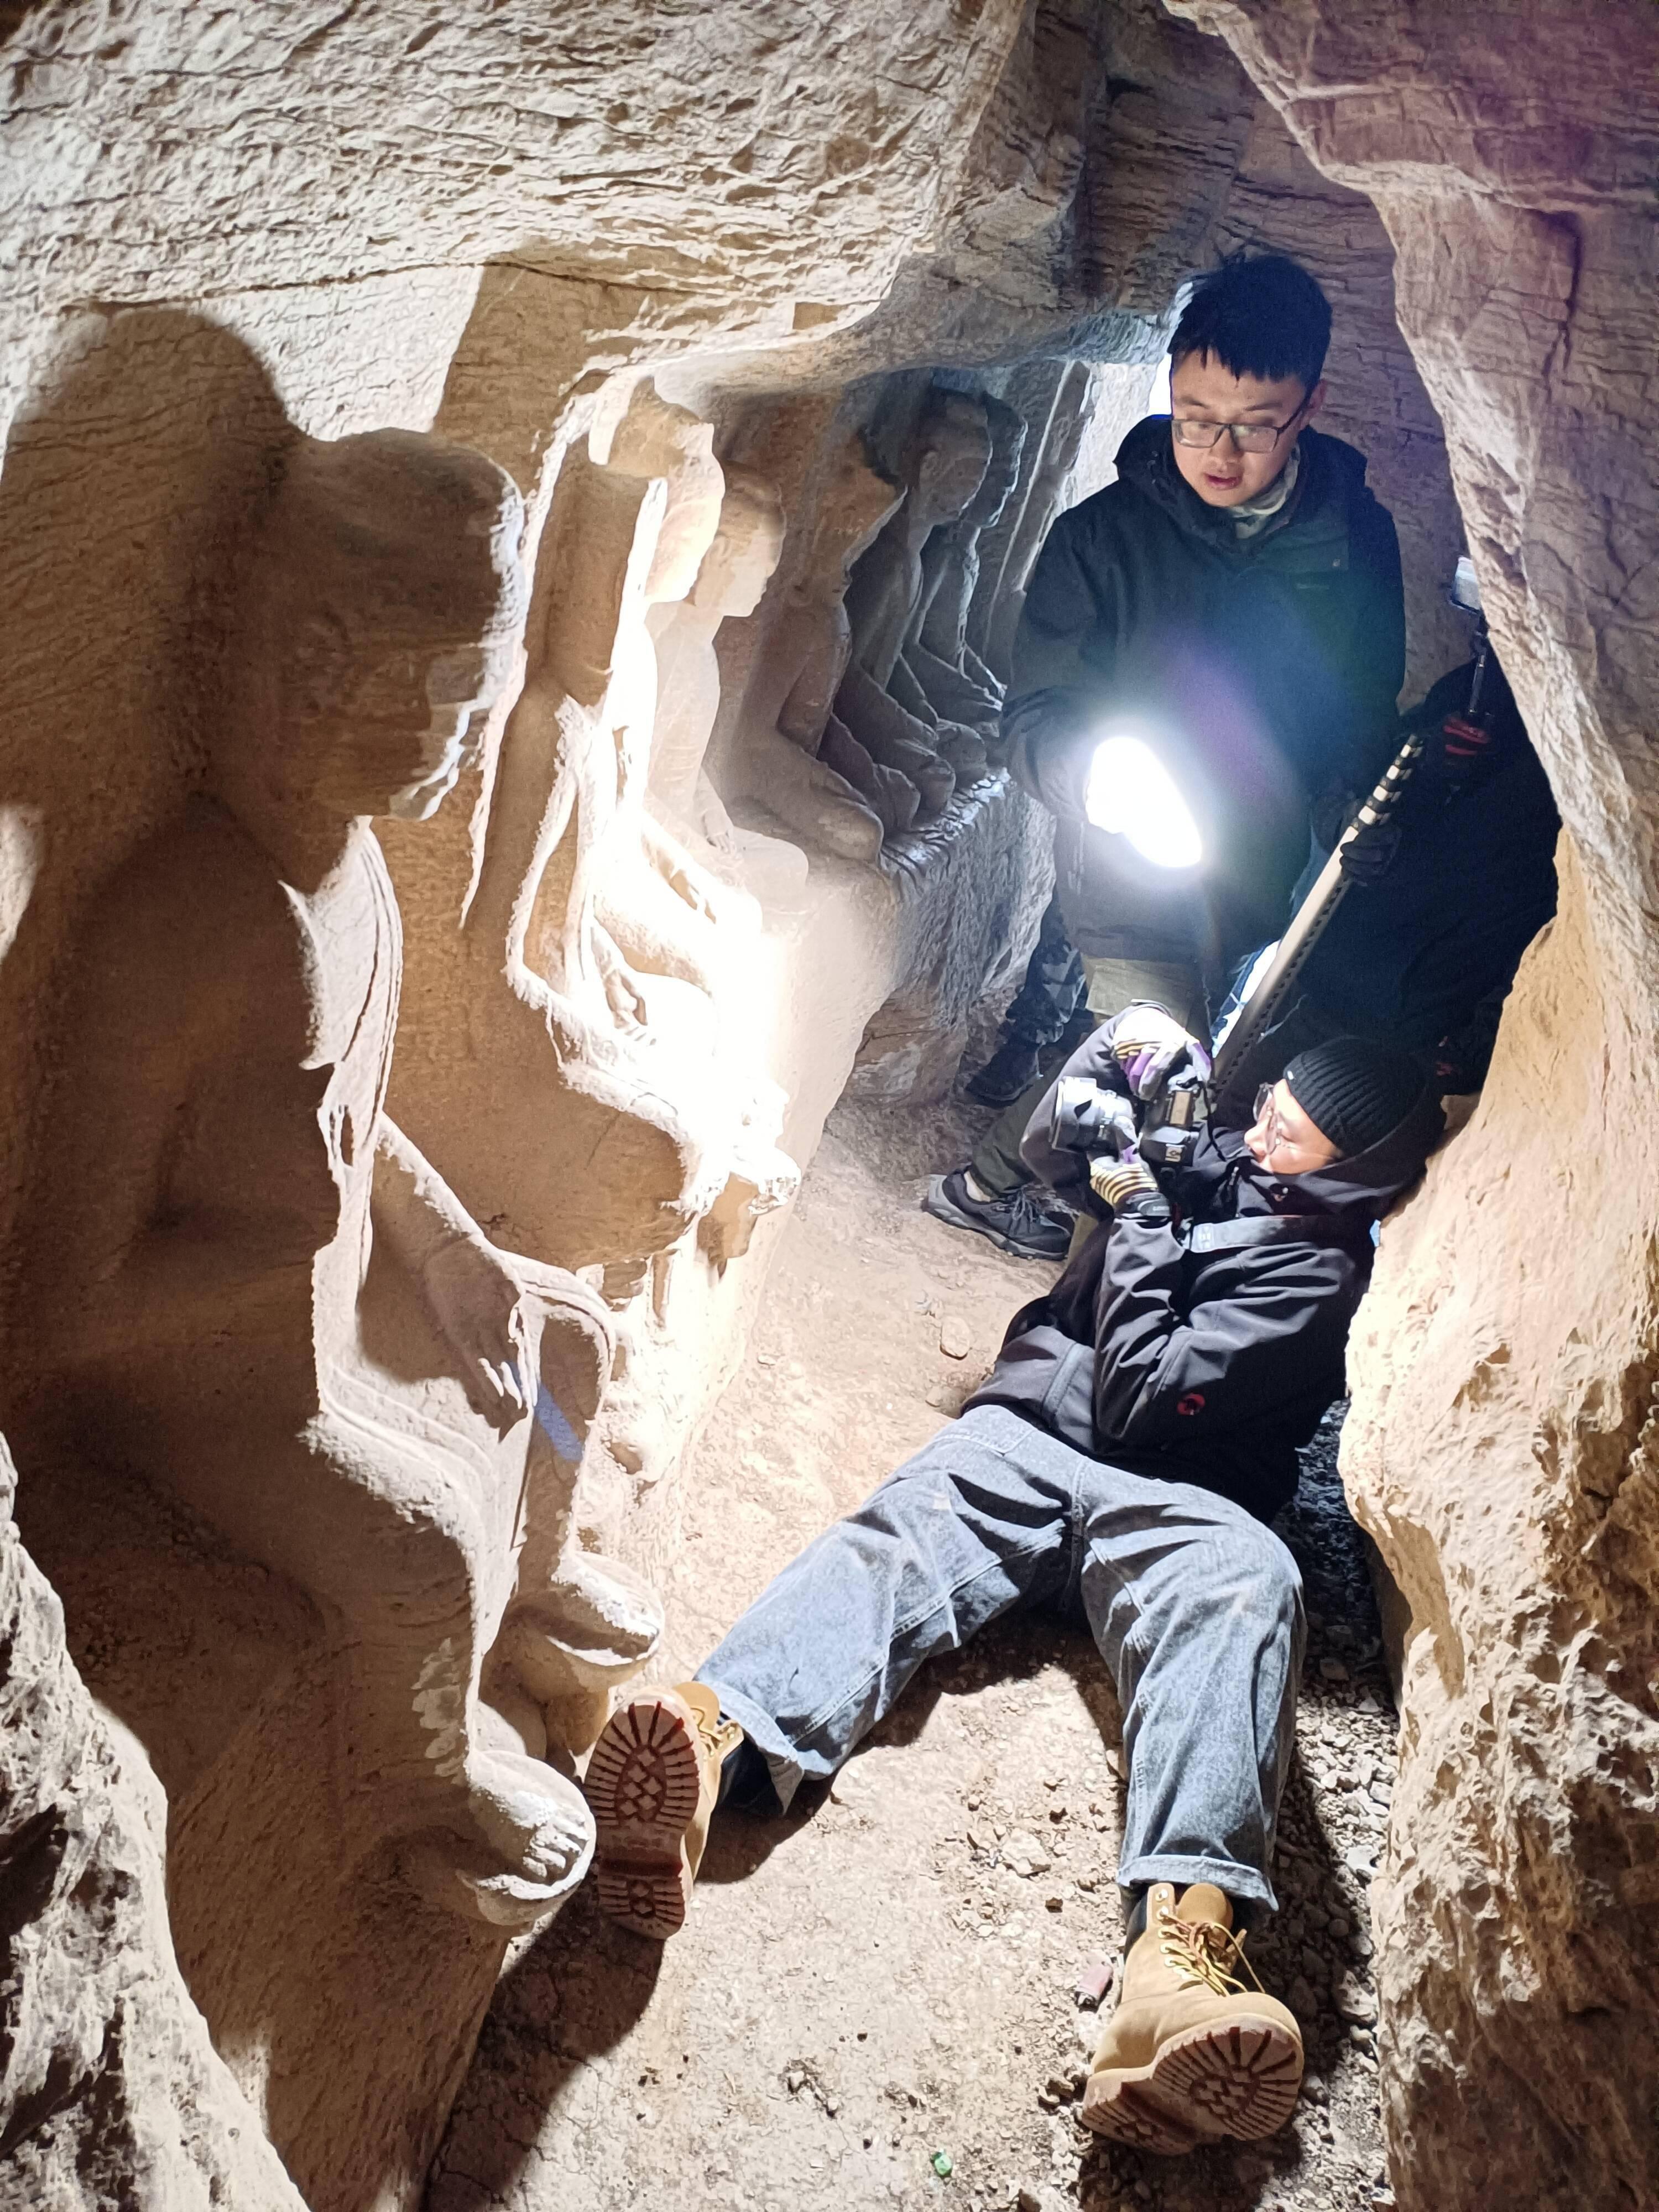 披星戴月,山东新发现16处石窟寺文物点